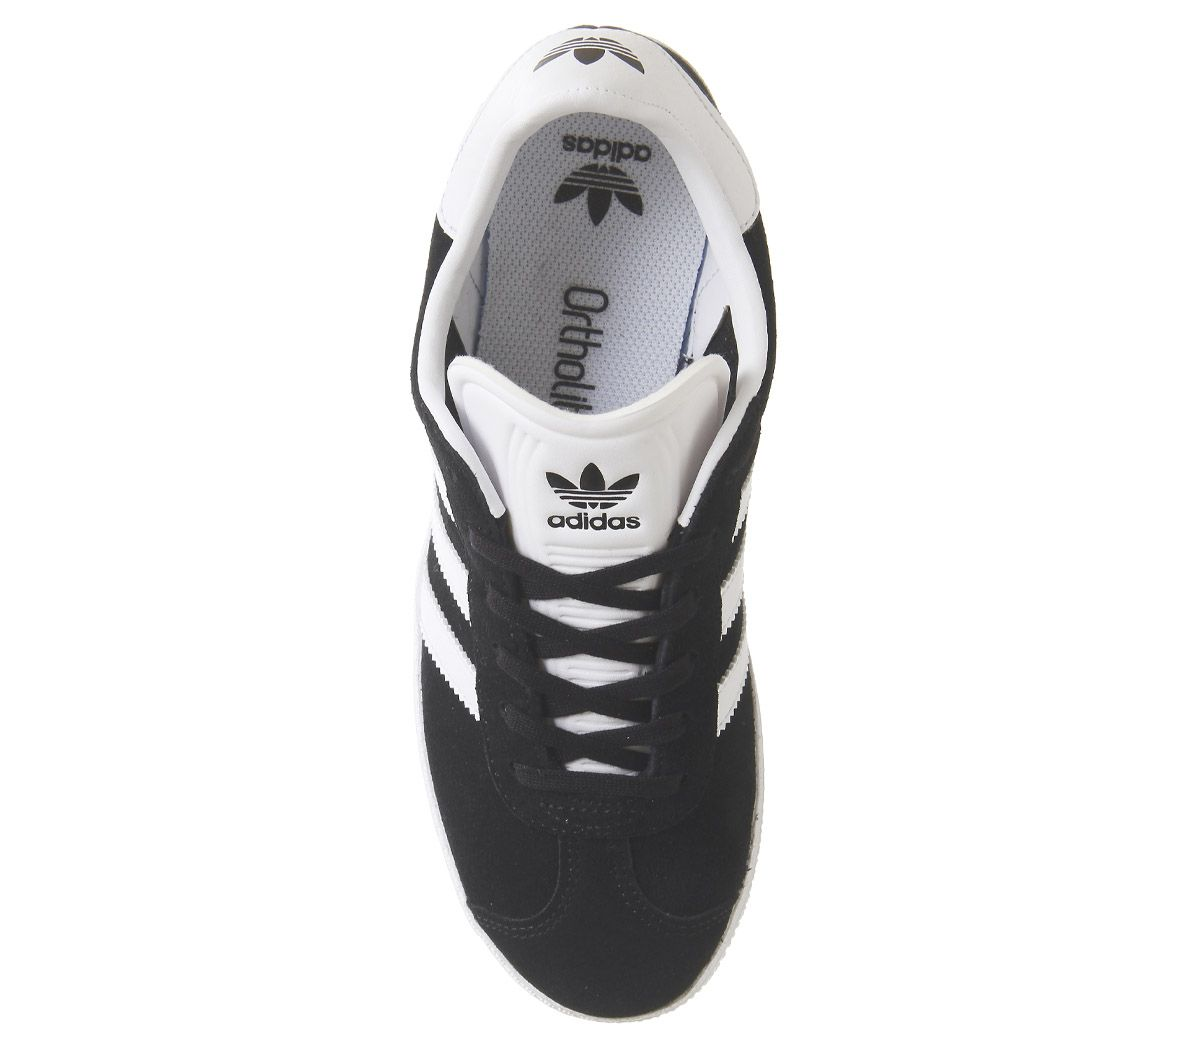 adidas gazelle nero friday sale